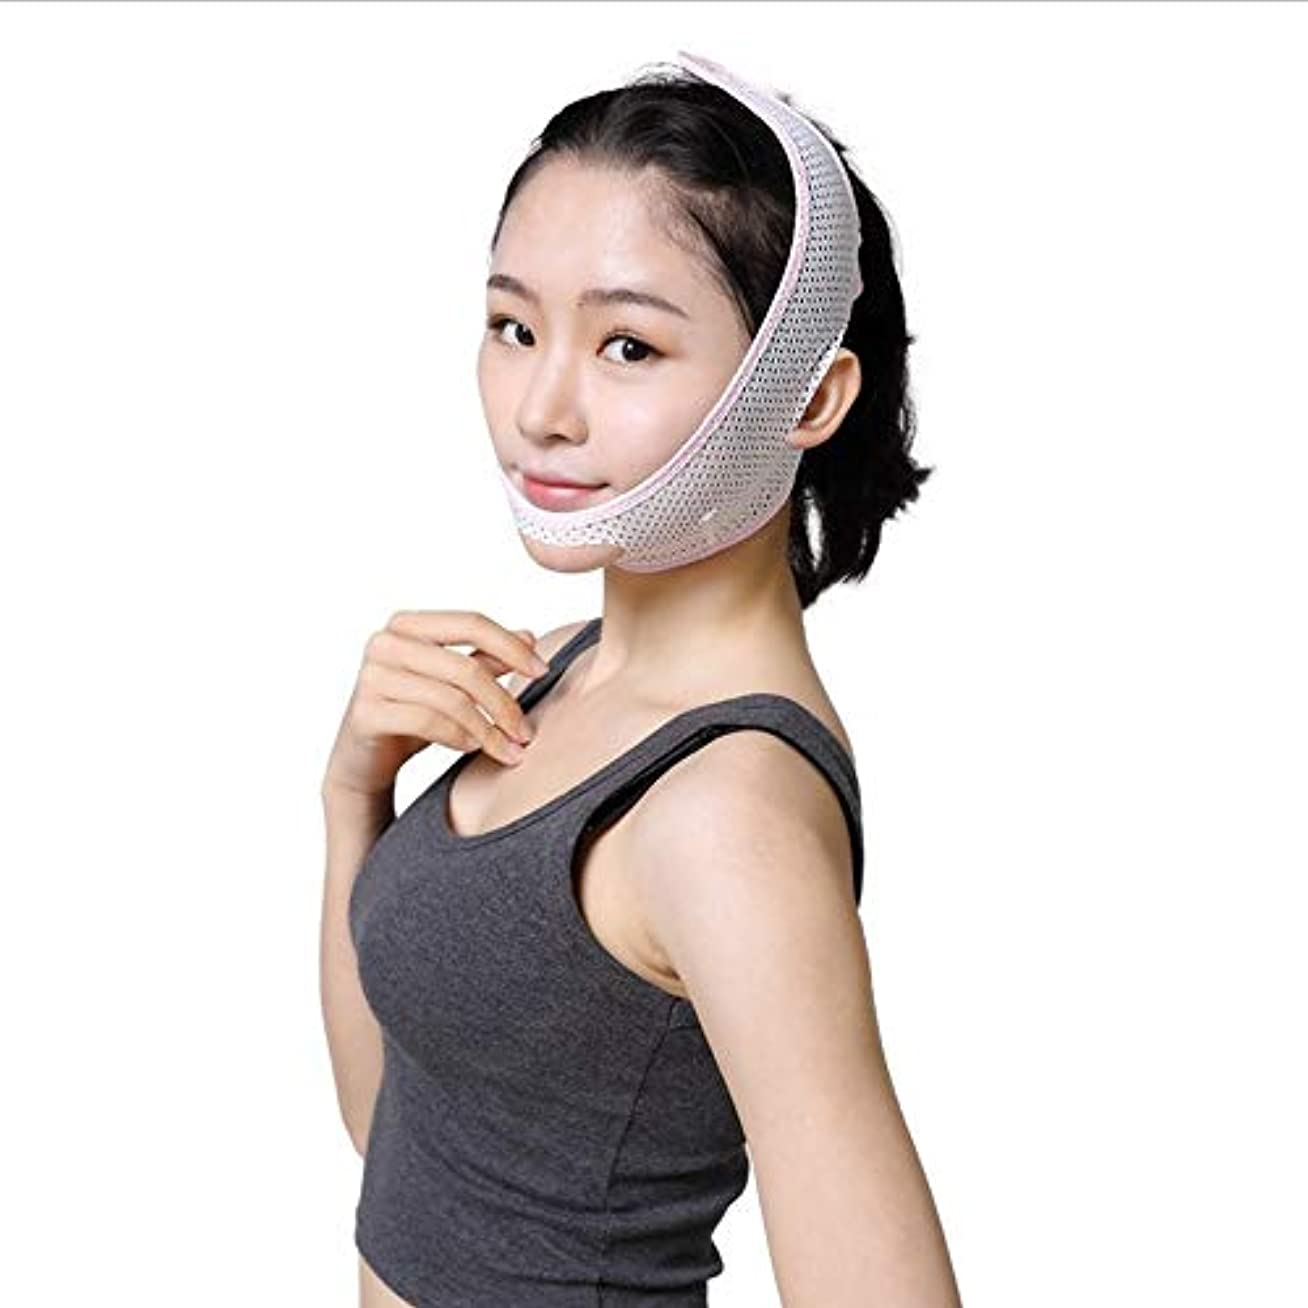 器用慈悲ワックス薄い顔ベルトは、超薄型通気性のフェイスリフティングと引き締め二重あご、2つのサイズのひげ包帯フェイシャル?術後プラスチック修復マスク (Size : L)